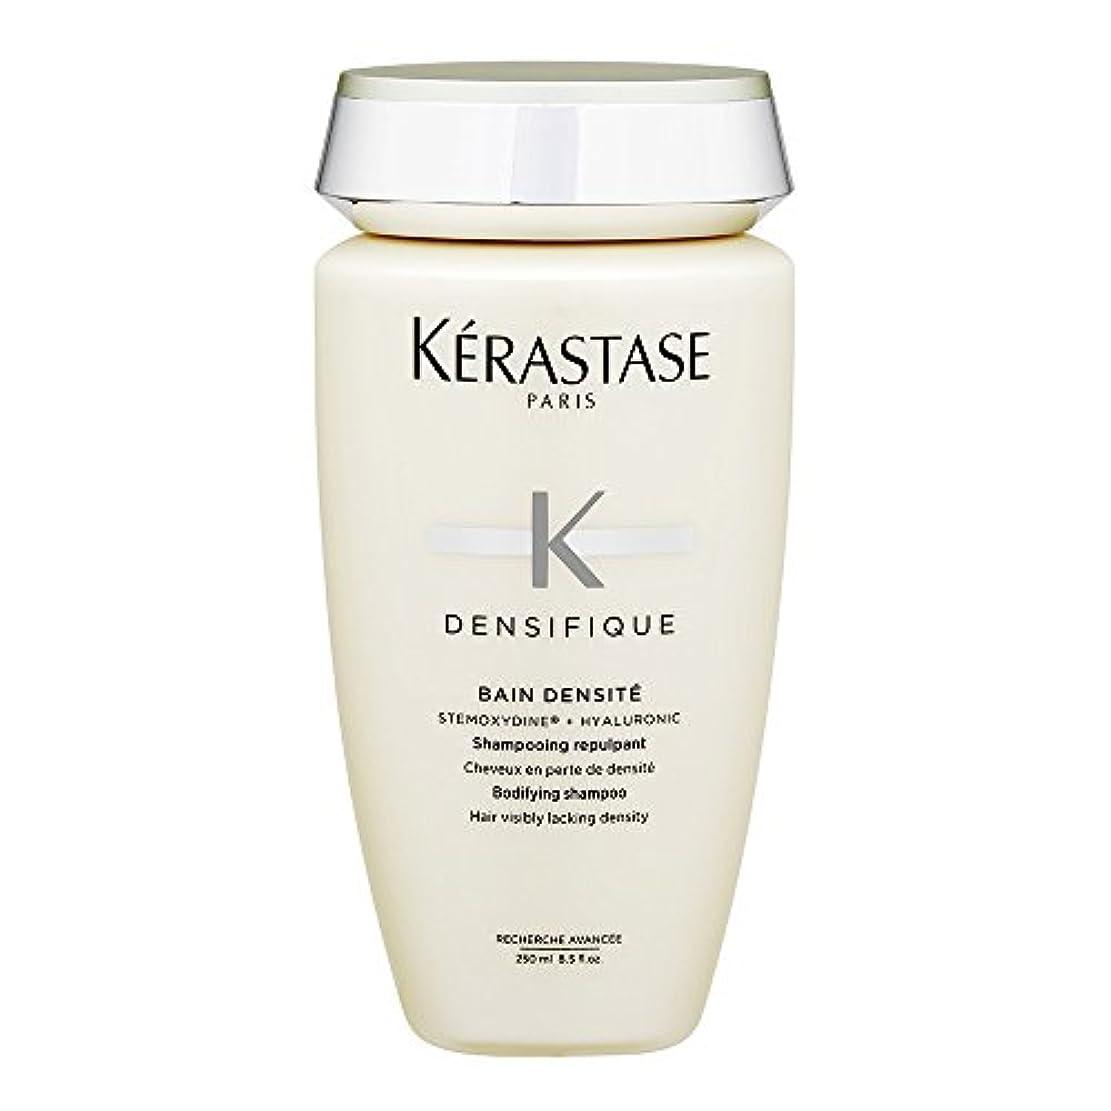 ケラスターゼ(KERASTASE) DS バン デンシフィック 250ml [並行輸入品]